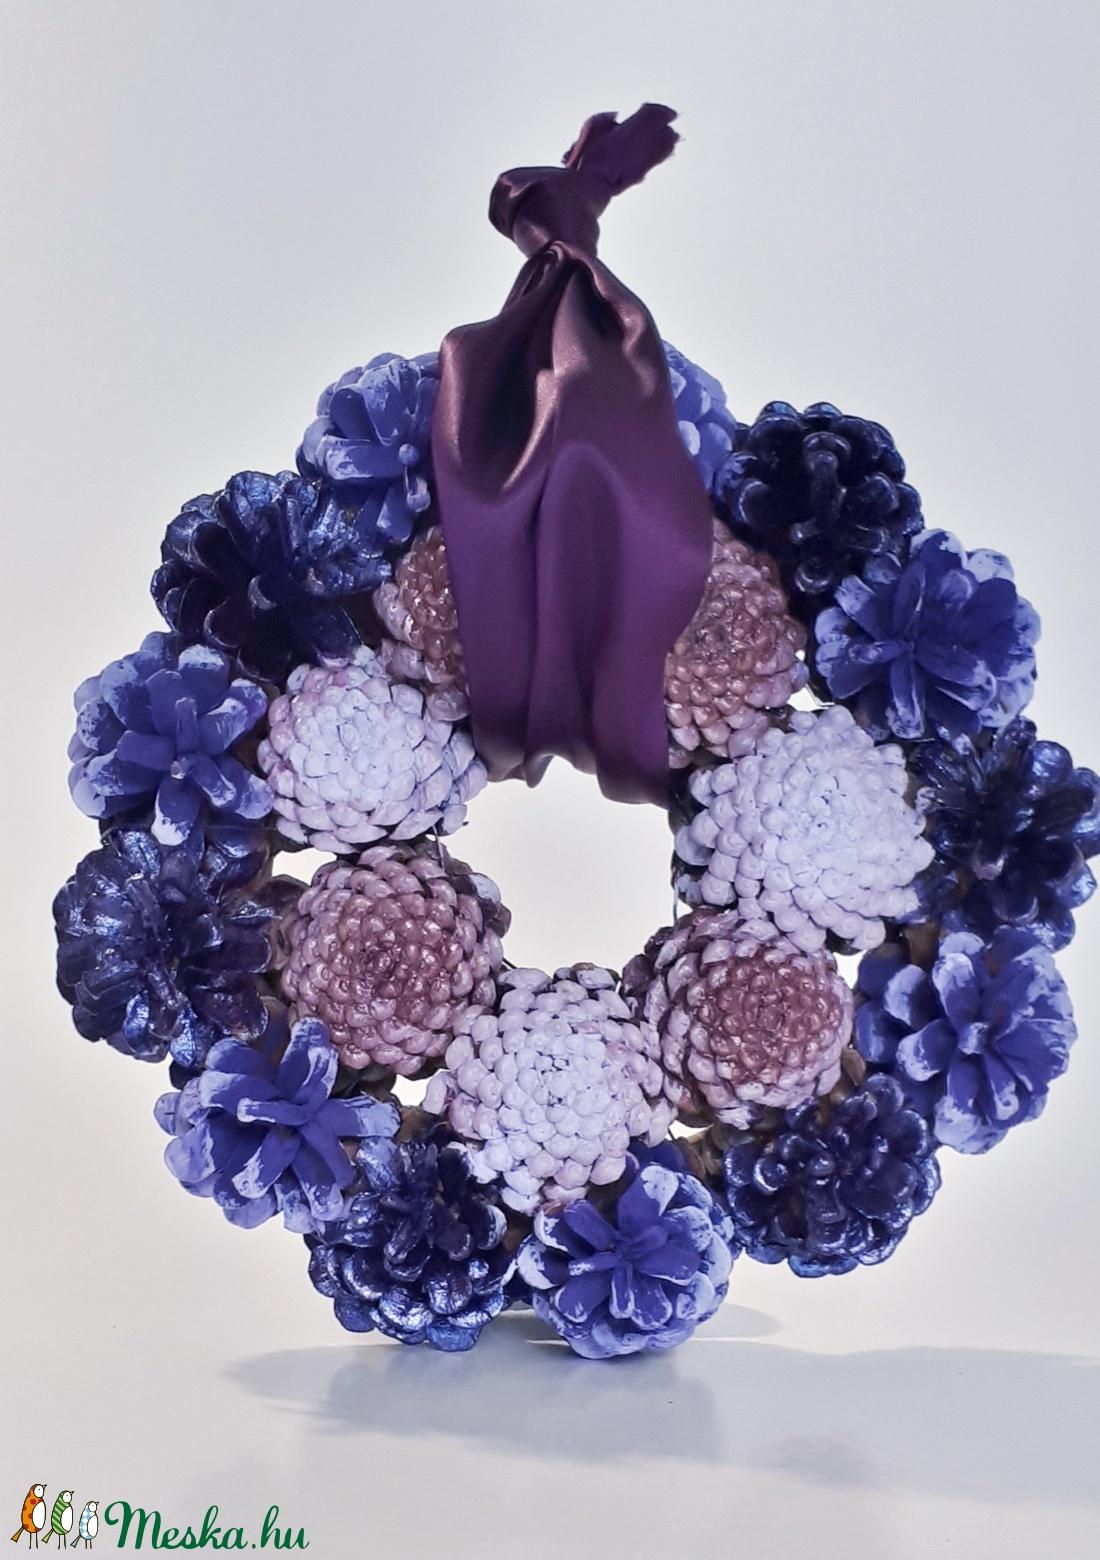 Nálunk a tavasz lilában kopogtatőszi-tavaszi lila fenyő tobozos ajtódísz, kopogtató, falidísz, koszorú lila kedvelőknek (Biborvarazs) - Meska.hu